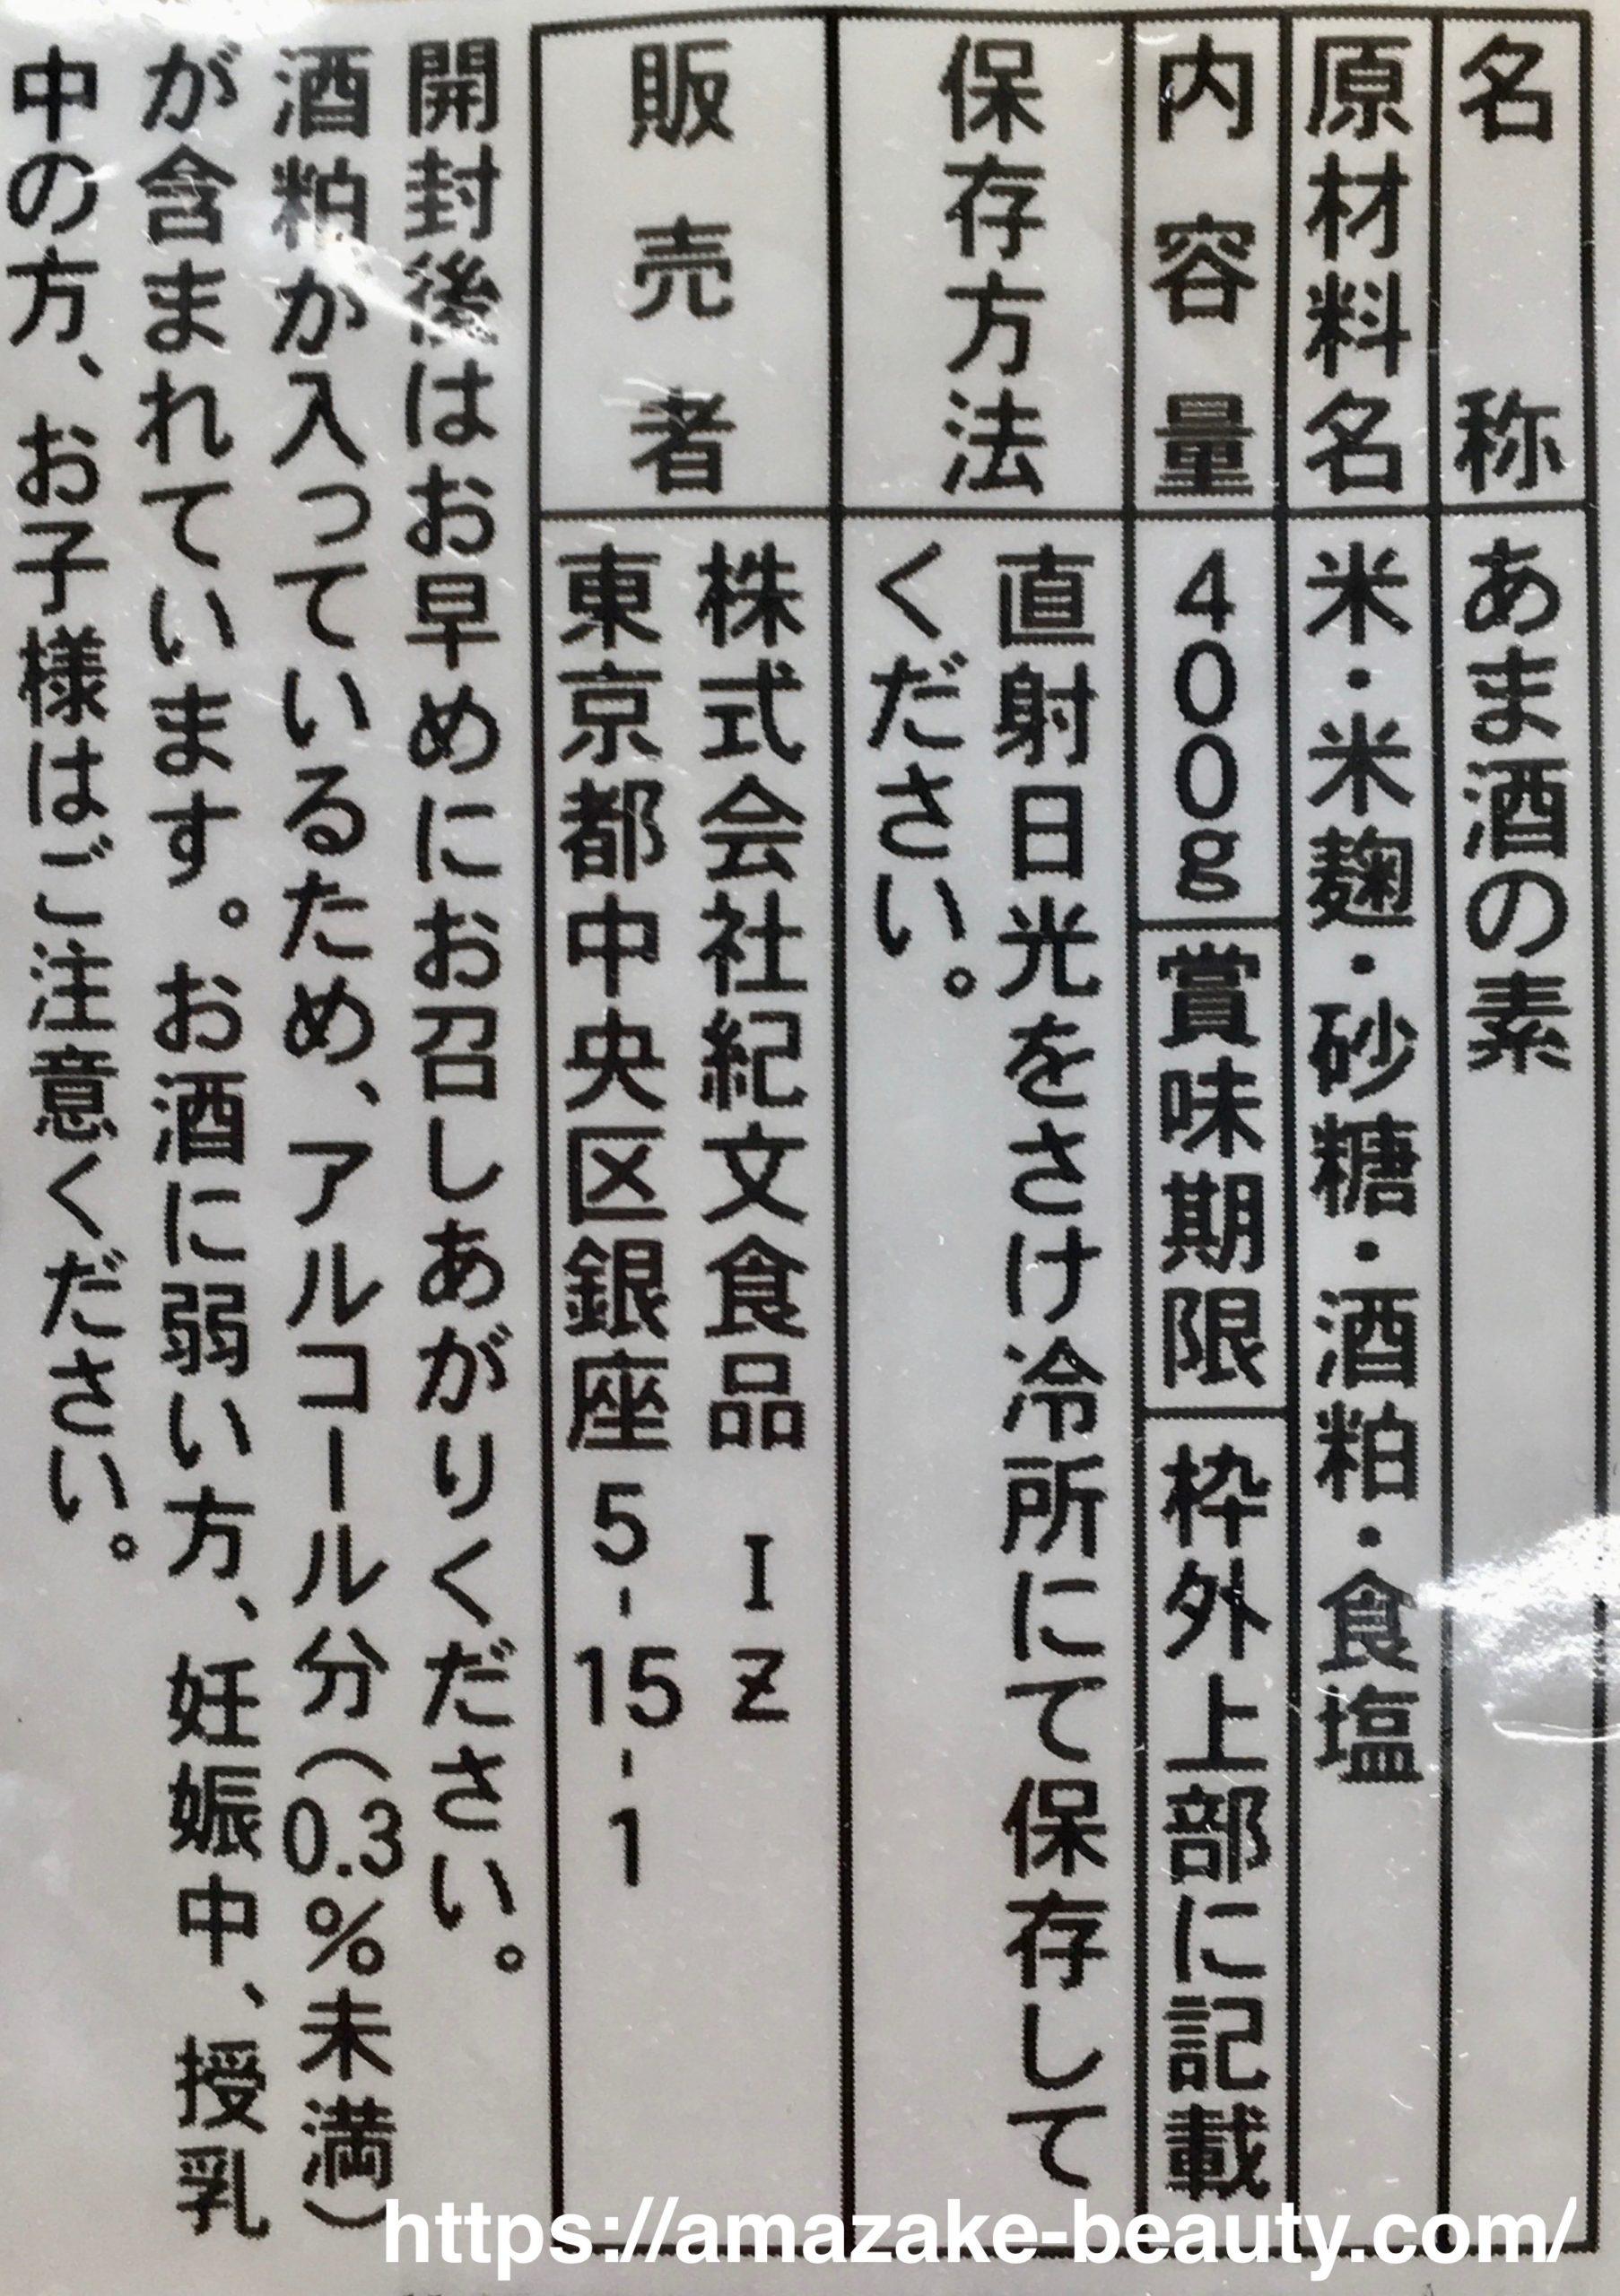 【甘酒】紀文『あま酒の素』(商品情報)